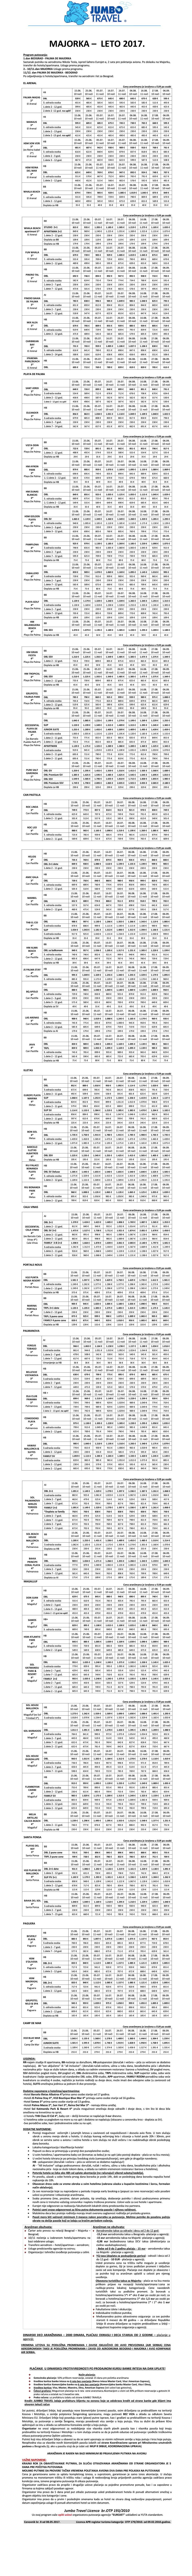 MAJORKA carter leto 2017 - cenovnik broj 8 vazi od 08.05.2017